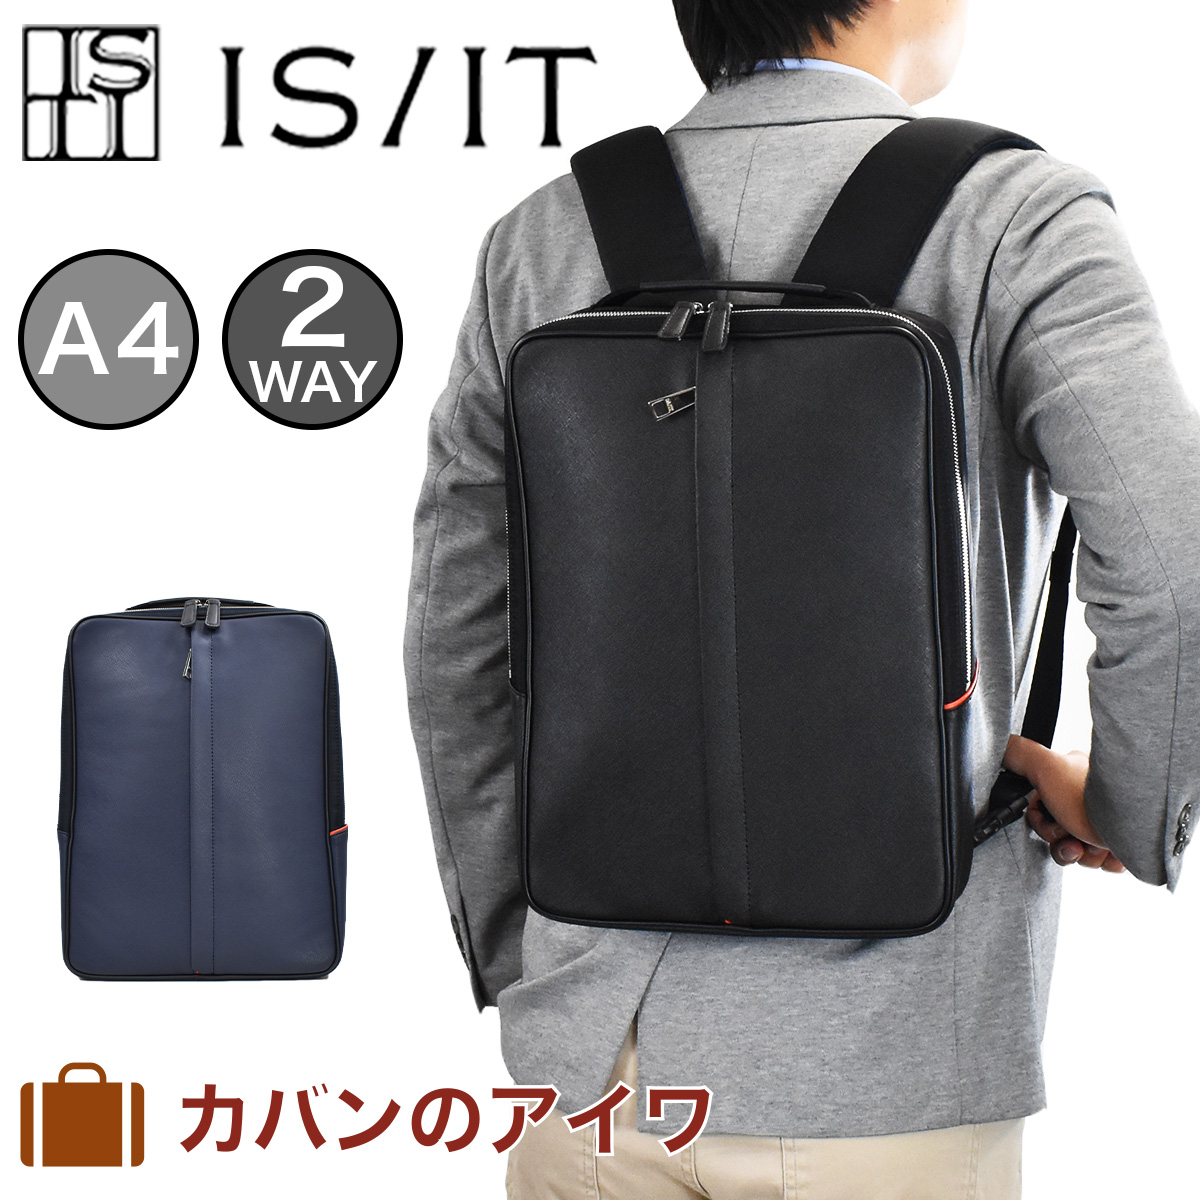 IS/IT イズイット ISIT サフィール Safir A4 メンズ ビジスネリュック 937701 | リュック リュックサック ビジネスバッグ ビジネスバック ビジネス バッグ バック バックパック カジュアル スリム 薄マチ 通勤 人気 ブランド 父の日